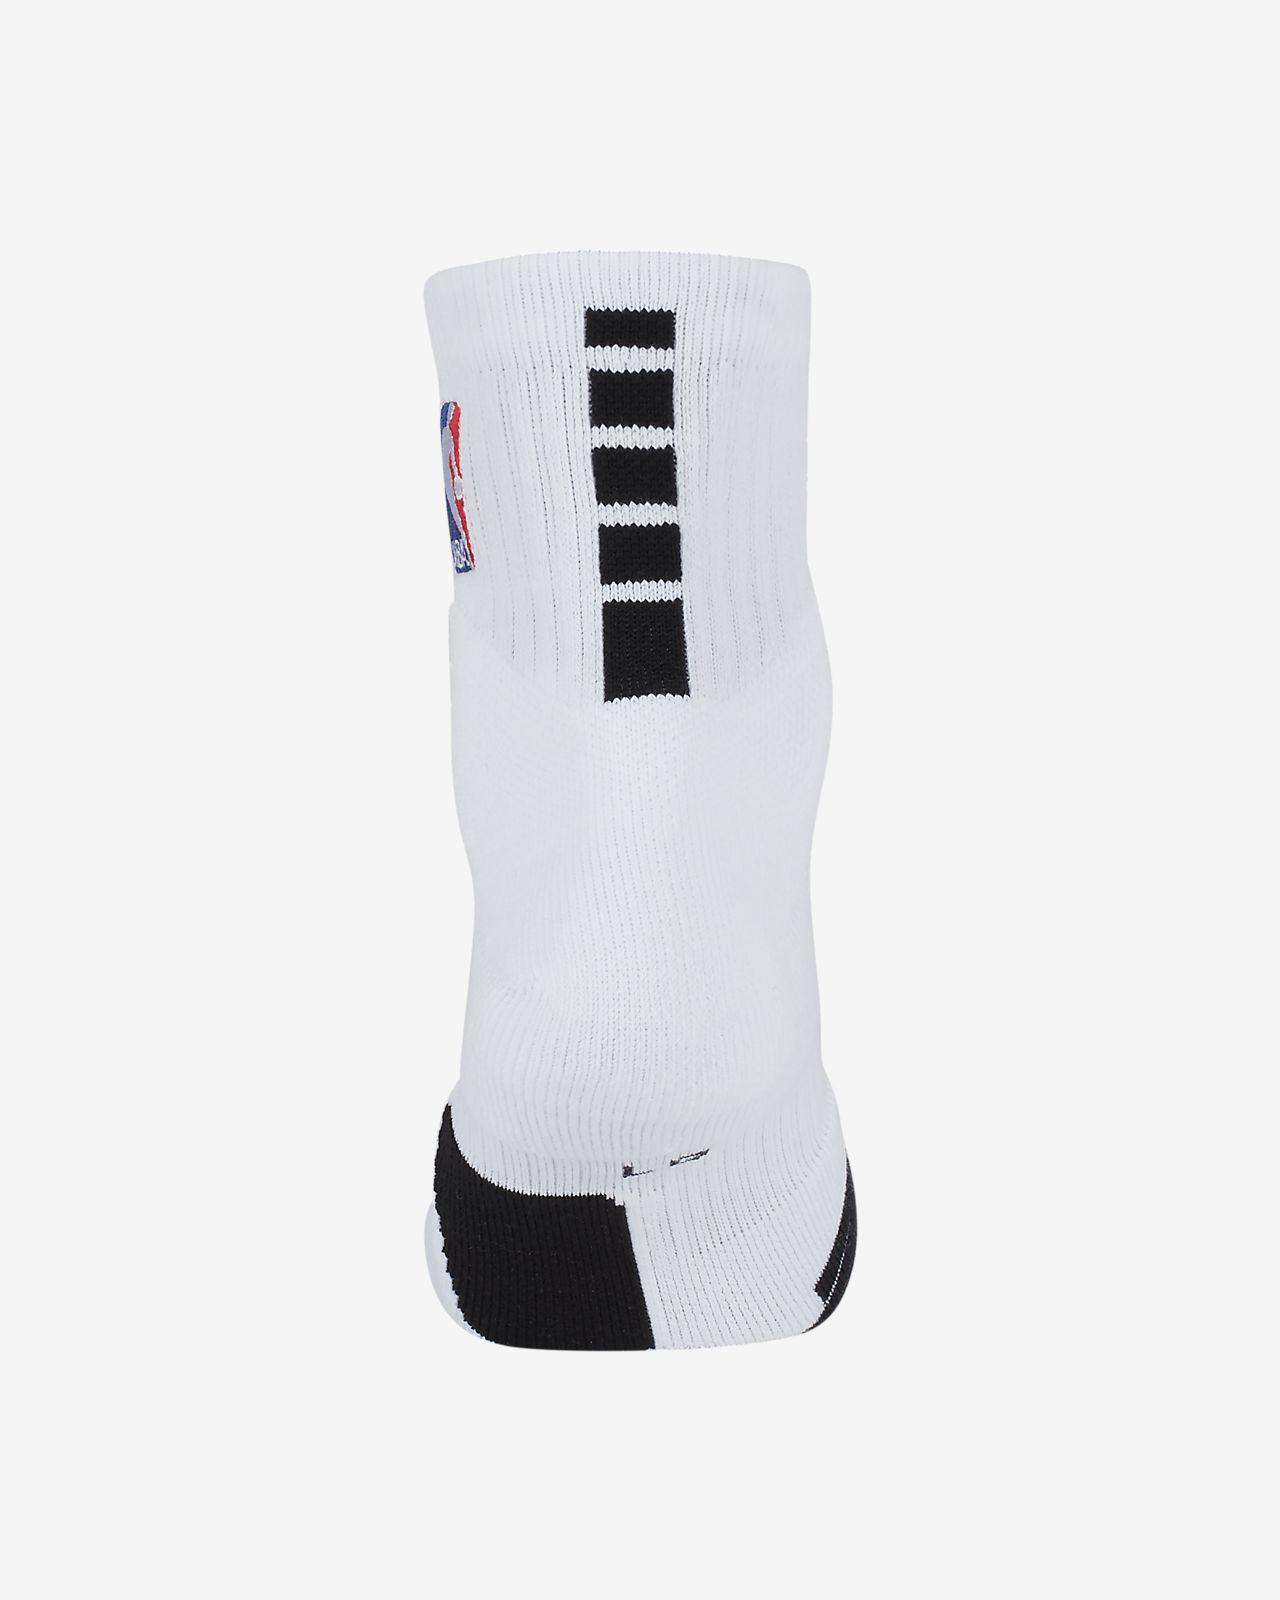 Nike Elite NBA Mid Socks